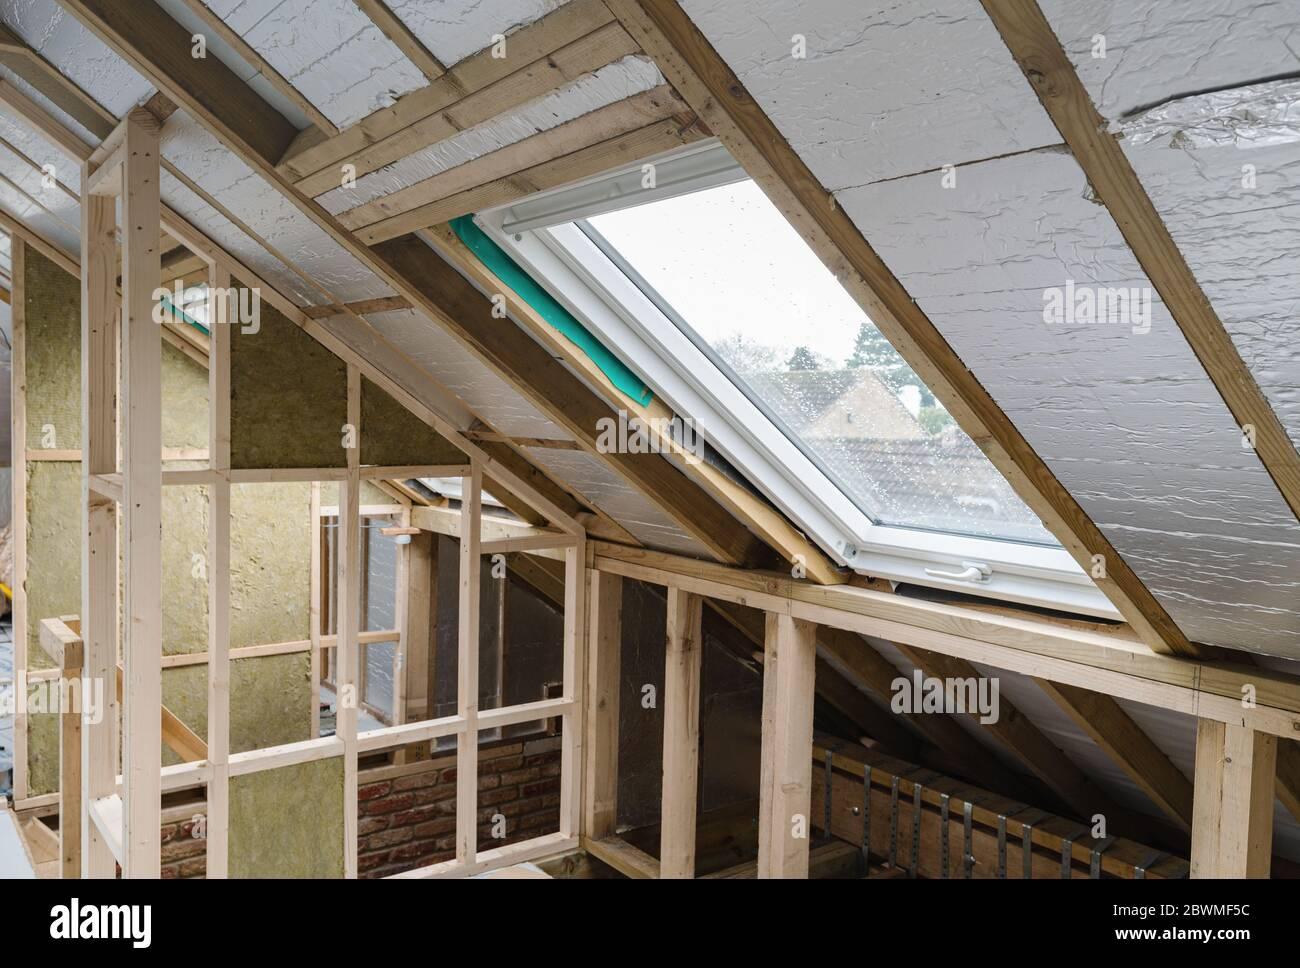 Conversion de loft, projet non fini, isolation en argent, fenêtres de toit, structure en bois des murs, foyer sélectif Banque D'Images